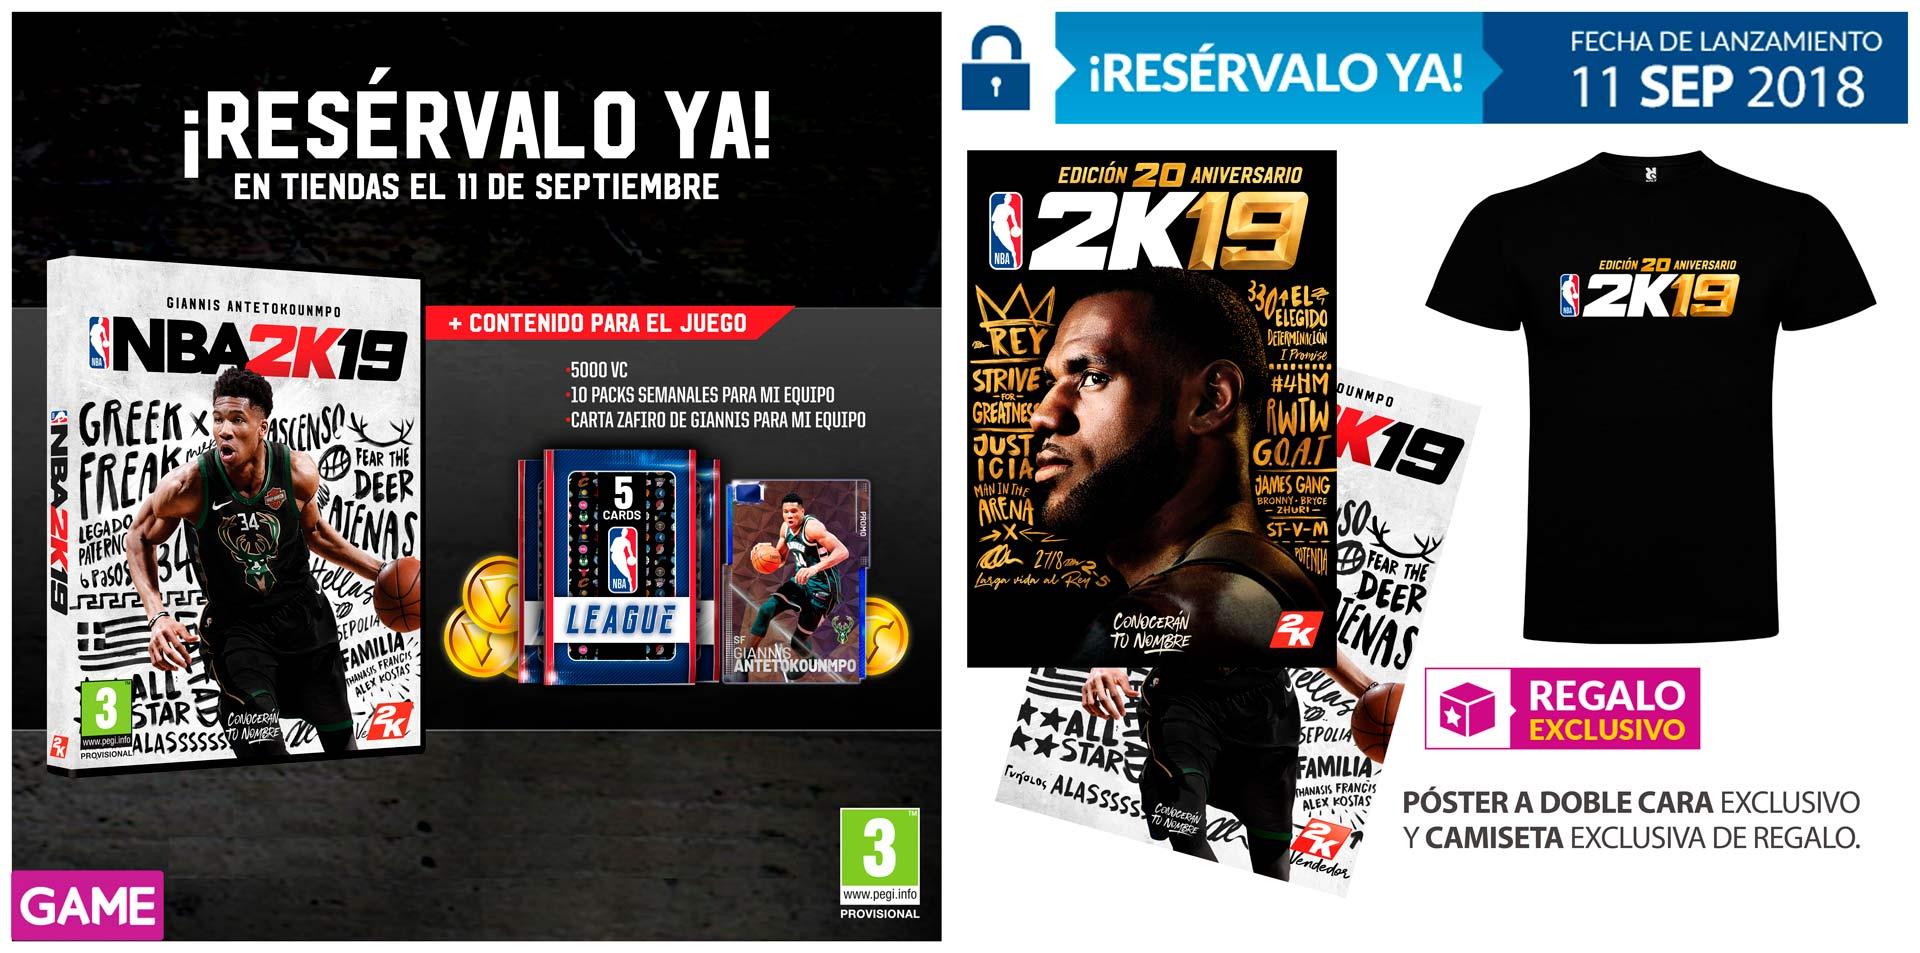 NBA 2K19 regalos reserva GAME